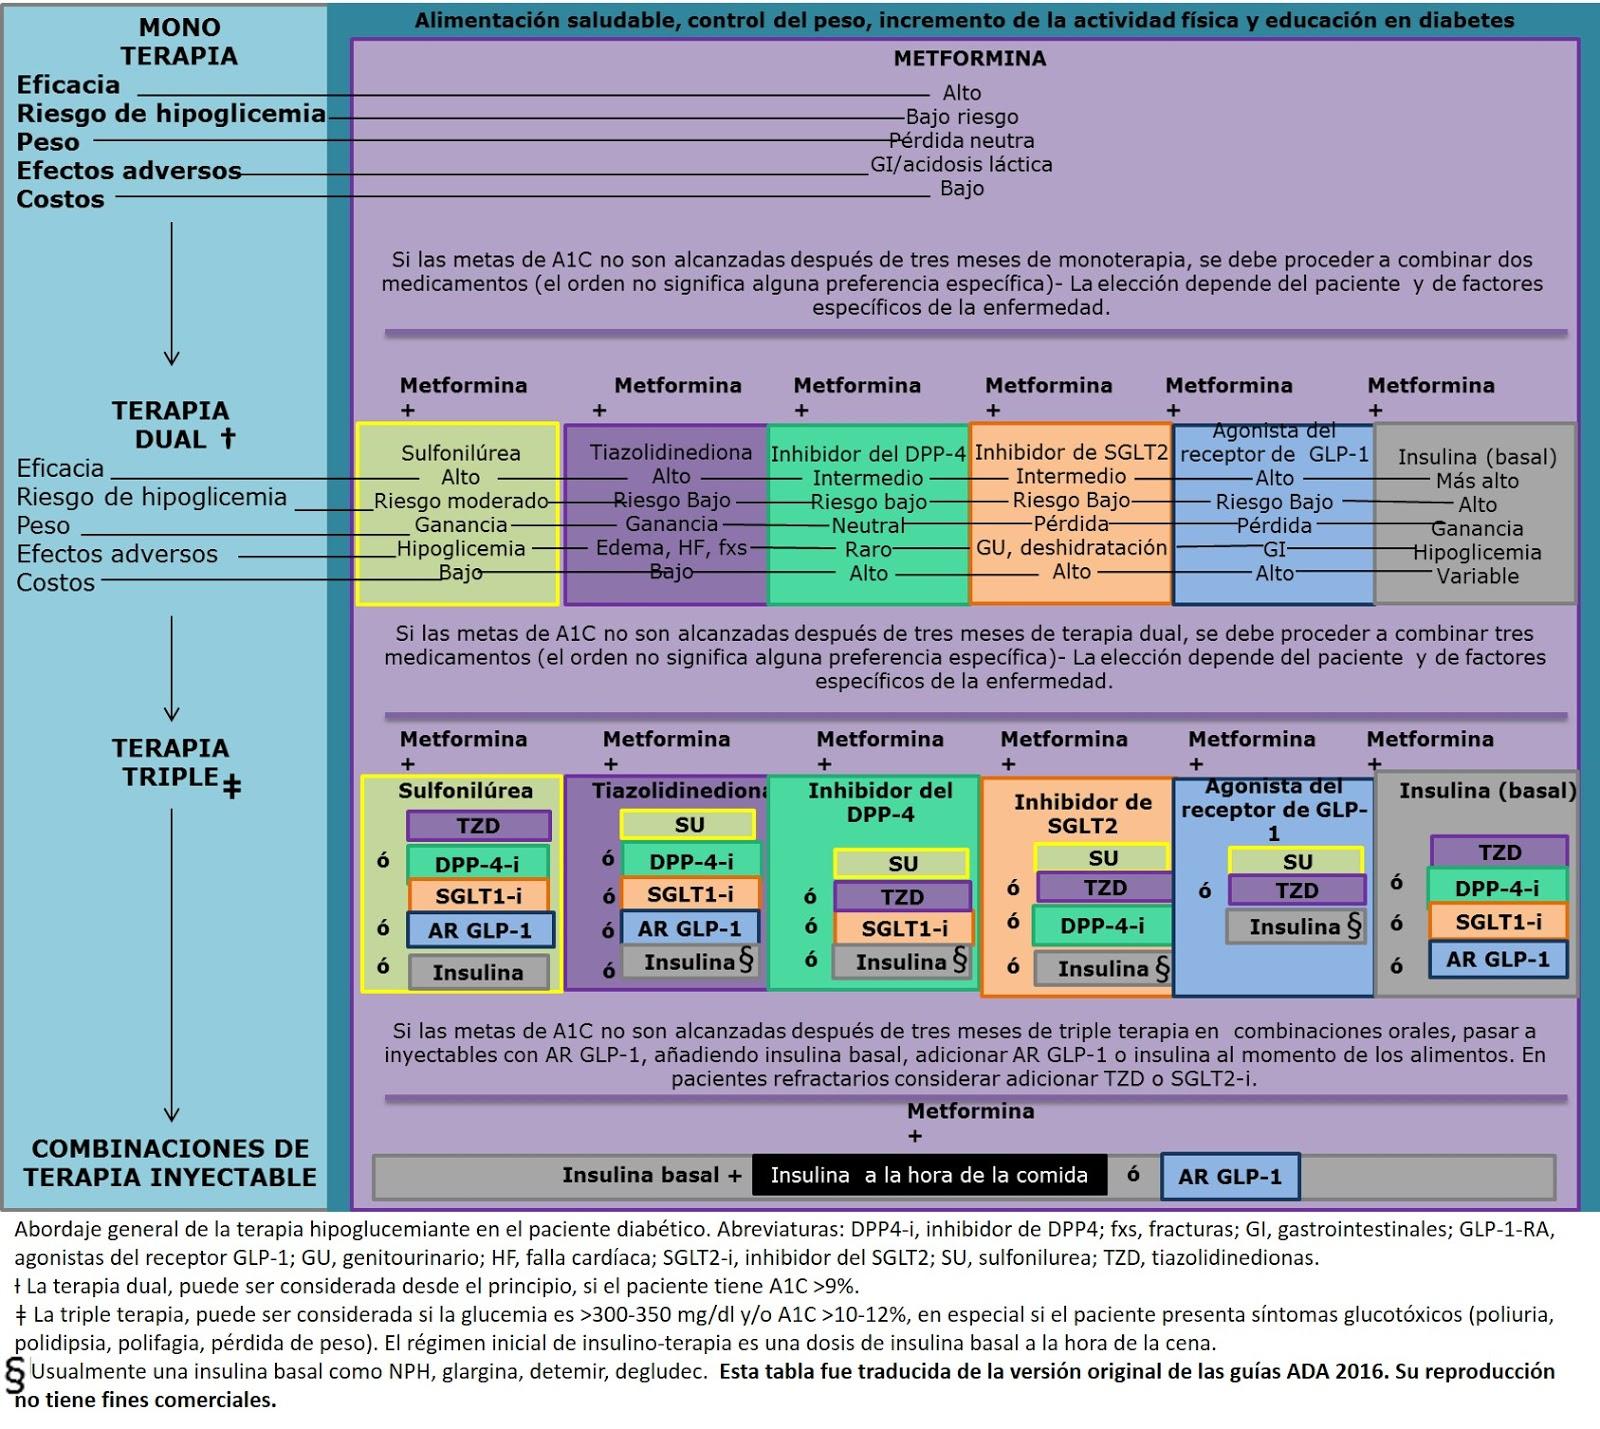 colesteatoma diagnostico y tratamiento de diabetes